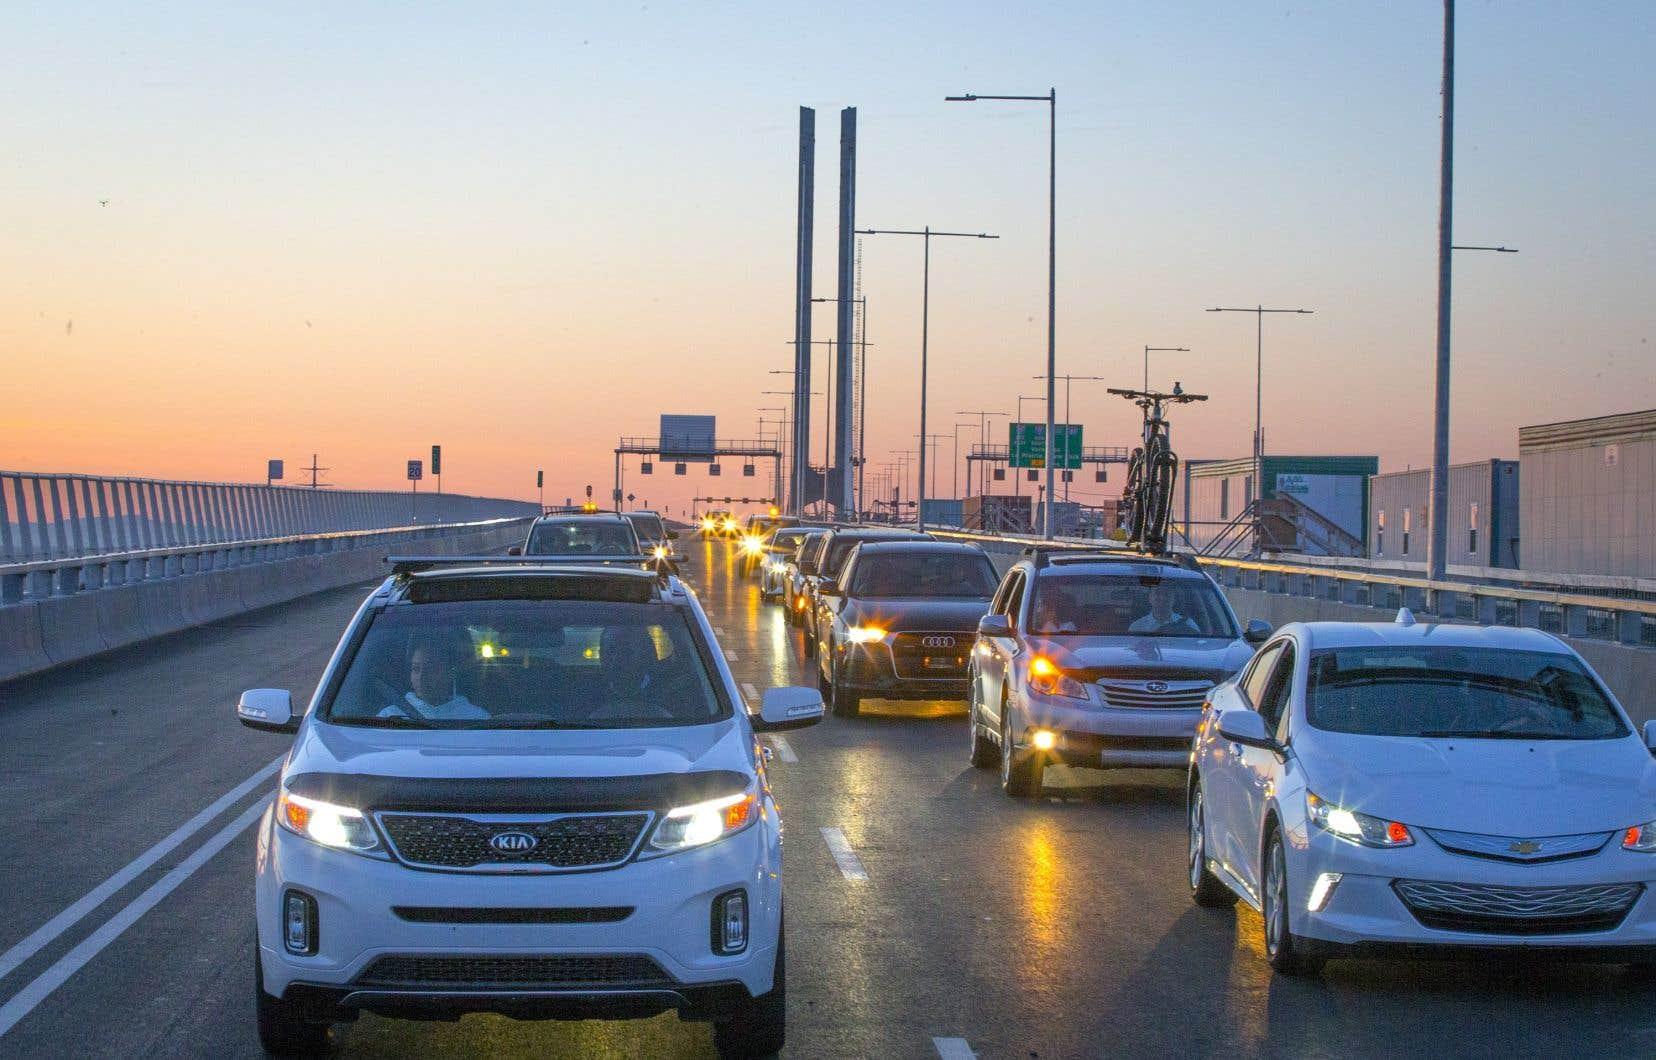 Toutes les voies seront ouvertes à compter de 11 heures, lundi, une semaine après l'ouverture partielle du nouveau pont.